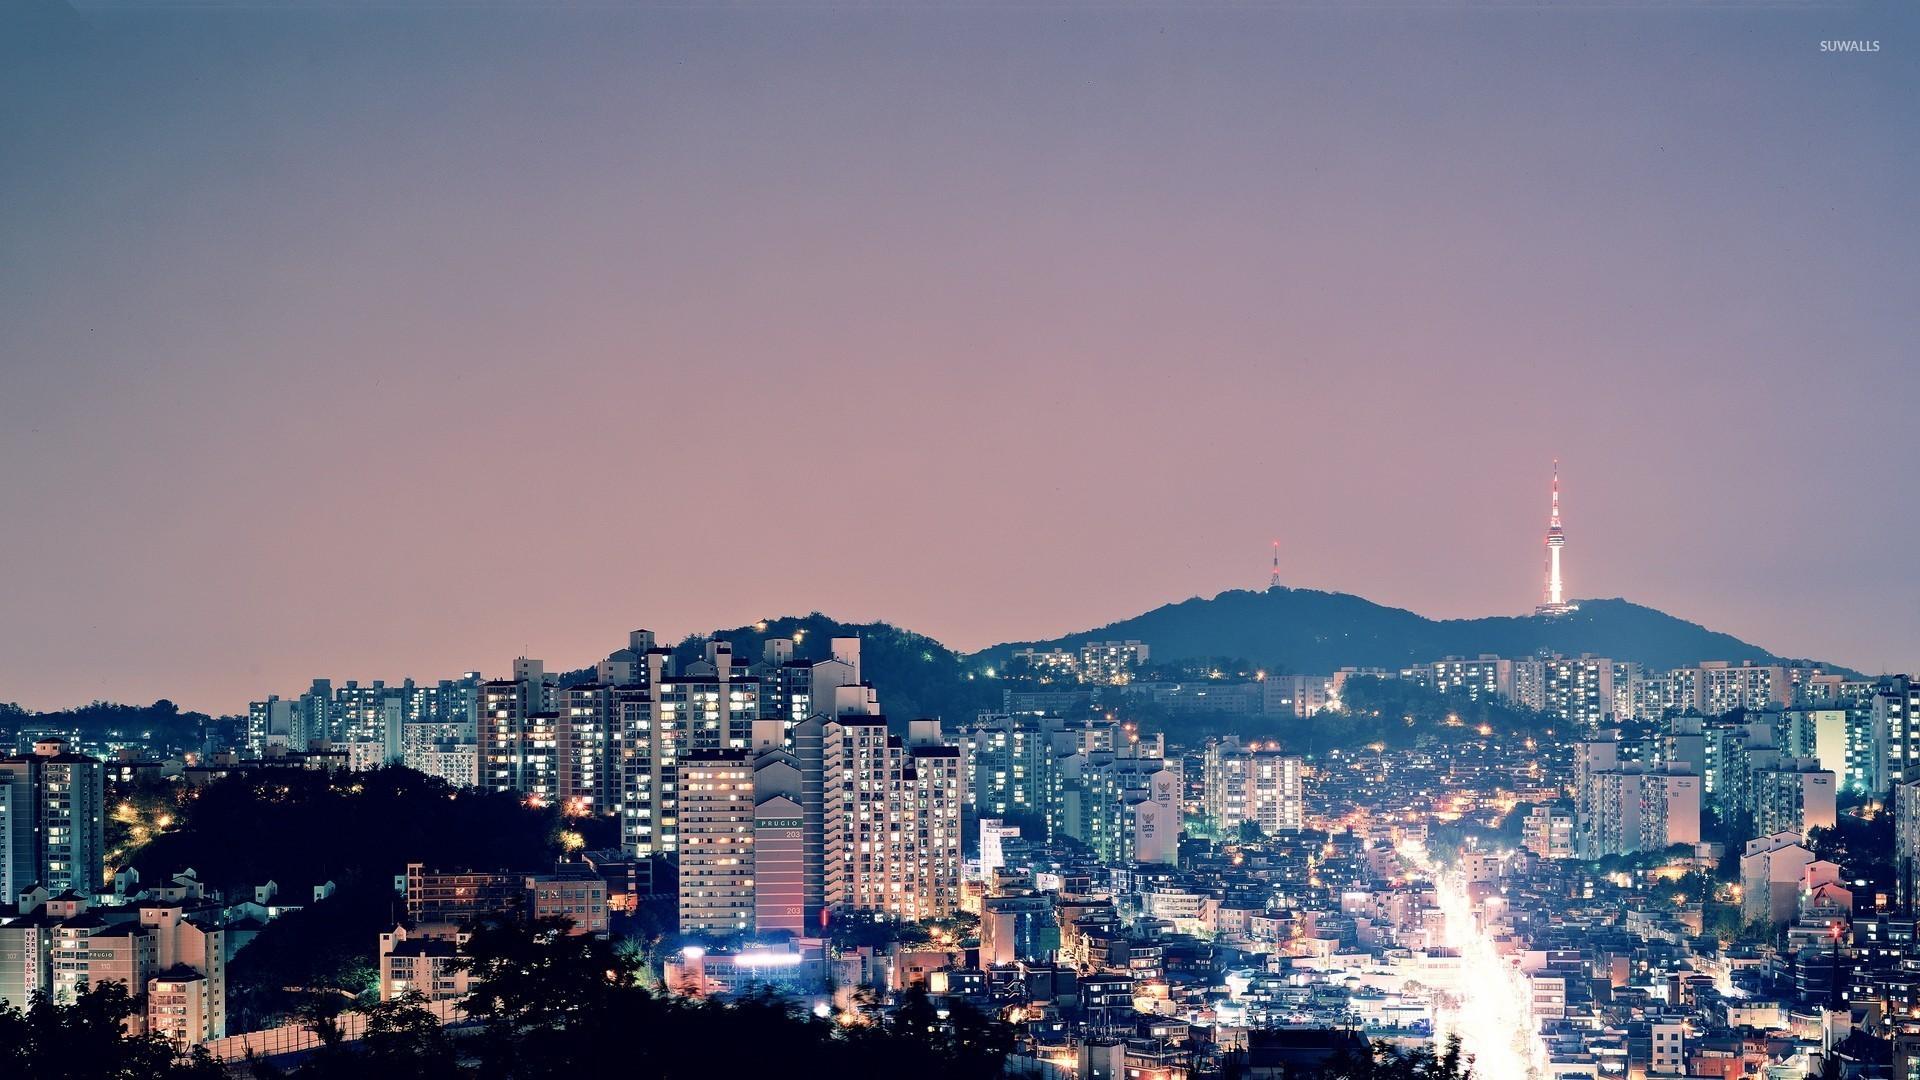 Korean Wallpaper 60 Images